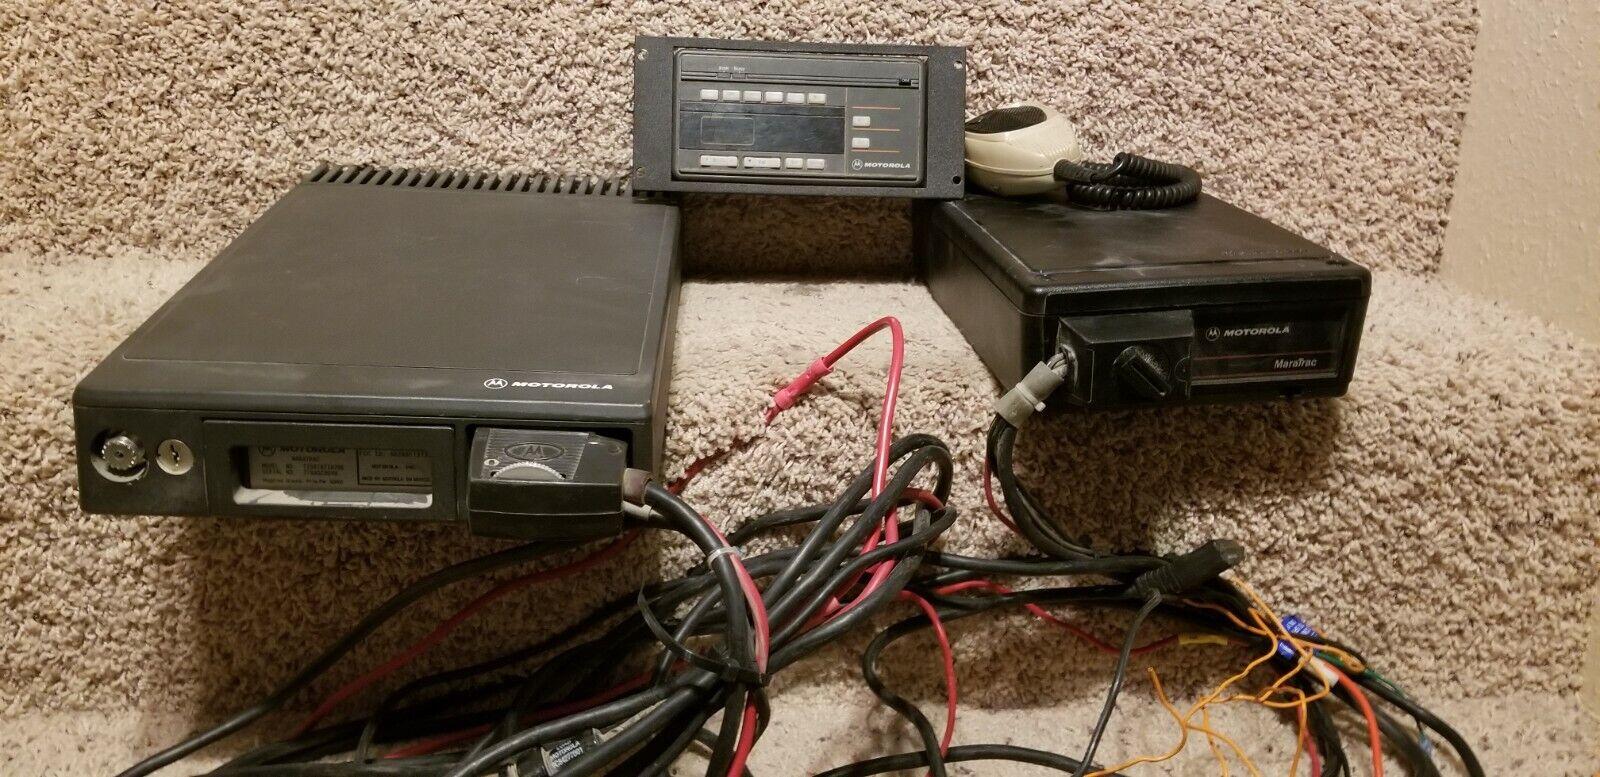 Motorola T73XTA7TA7BK Maratrac 100 Watt VHF High Band Radio. Available Now for 99.94